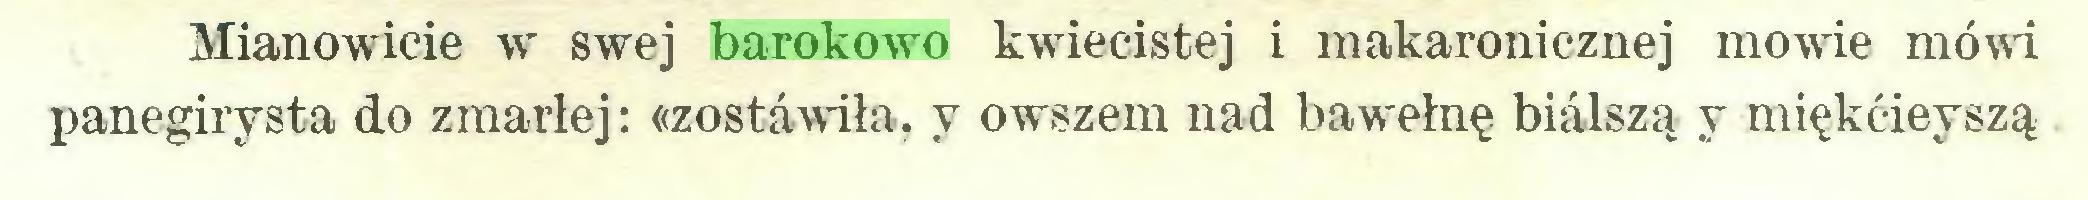 (...) Mianowicie w swej barokowo kwiecistej i makaronieznej mowie mówi panegirysta do zmarłej: «zostawiła, y owszem nad bawełnę bialszą y miękćieyszą...